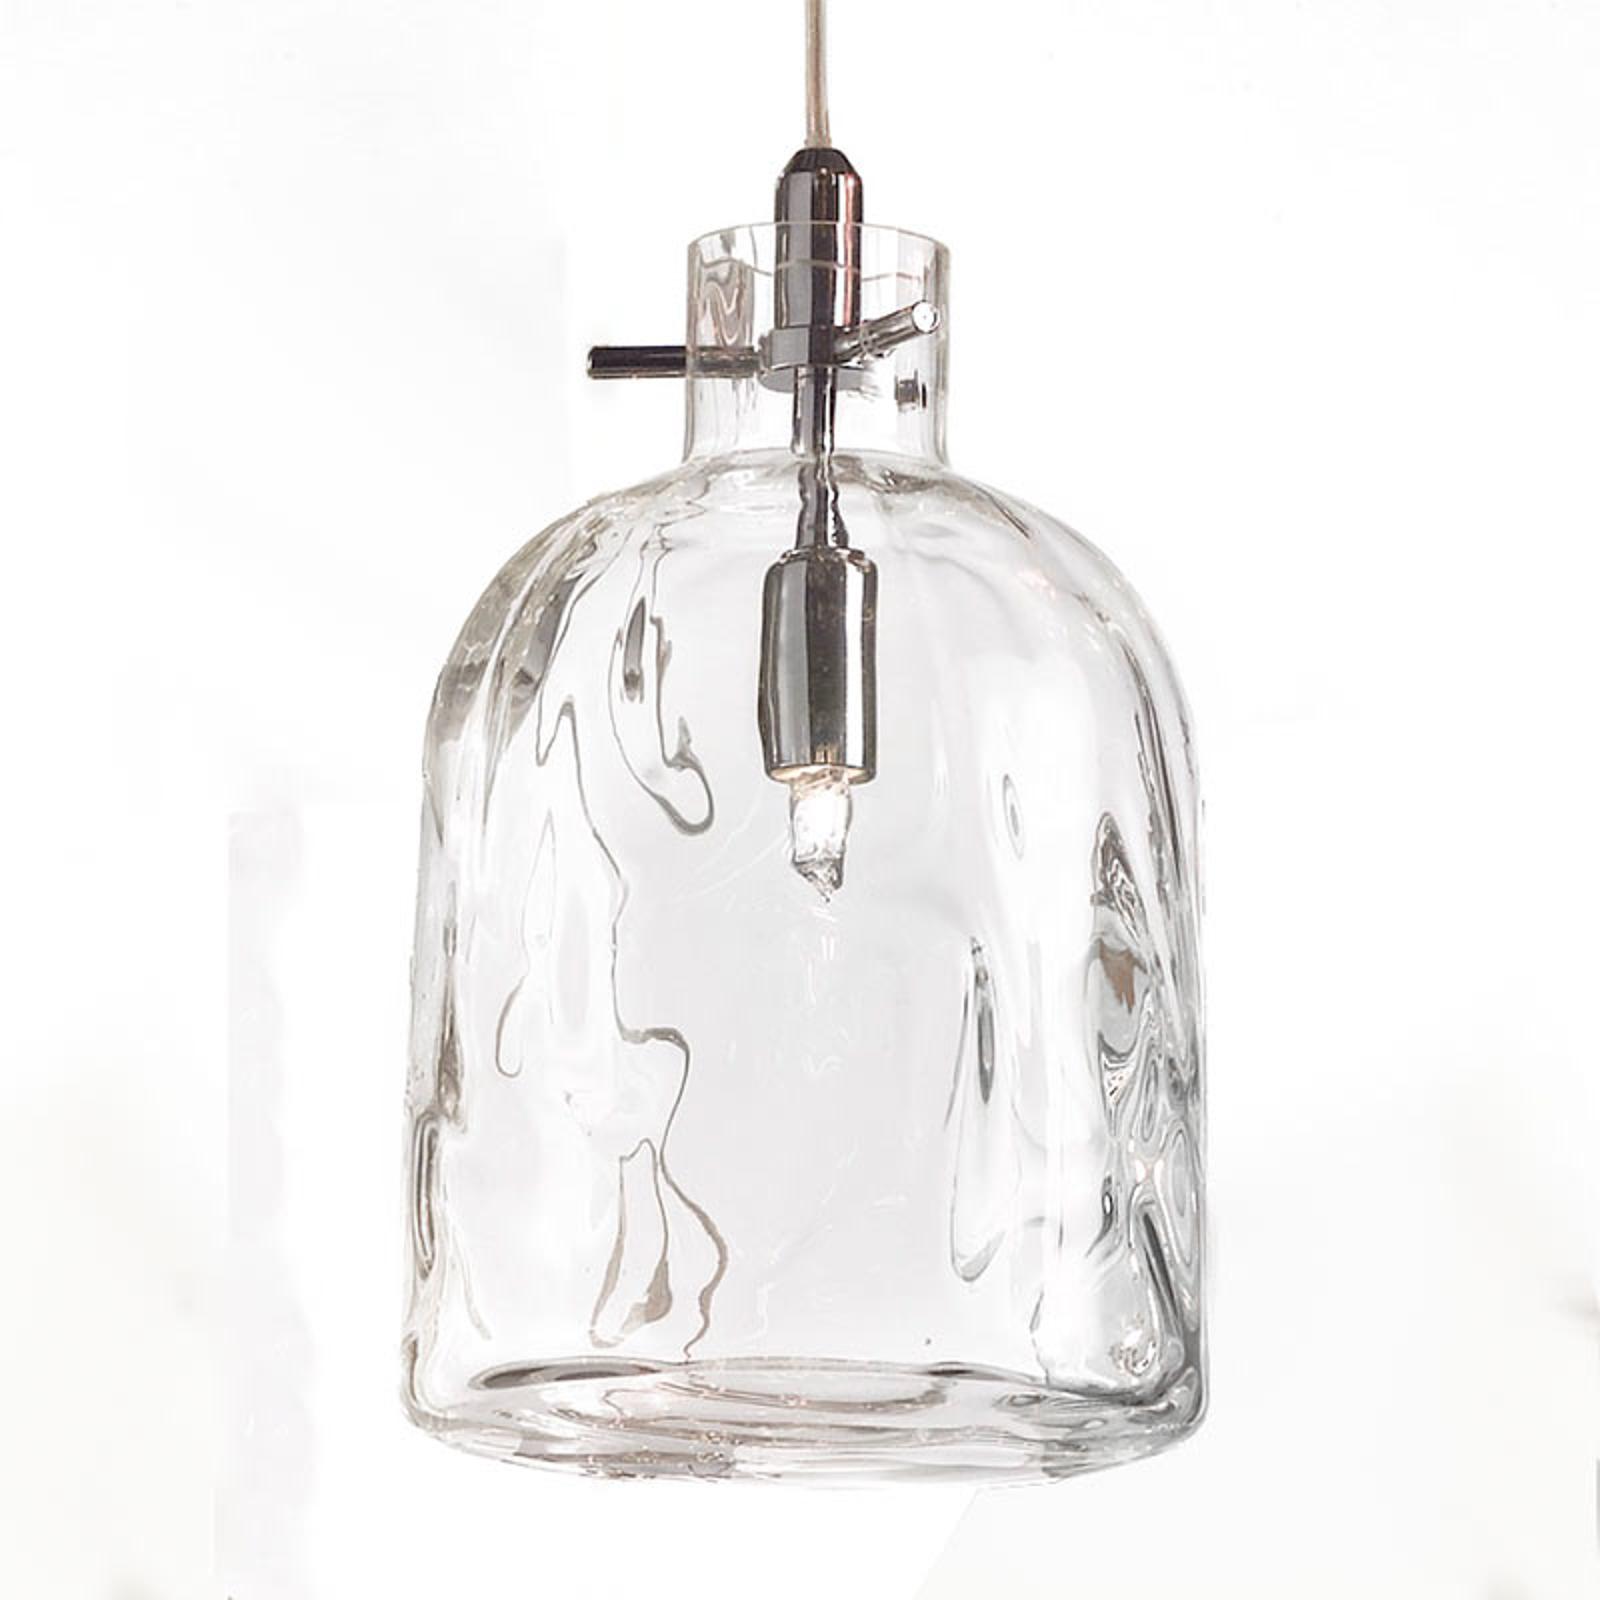 Lampa wisząca Bossa Nova 15 cm przeźroczysta